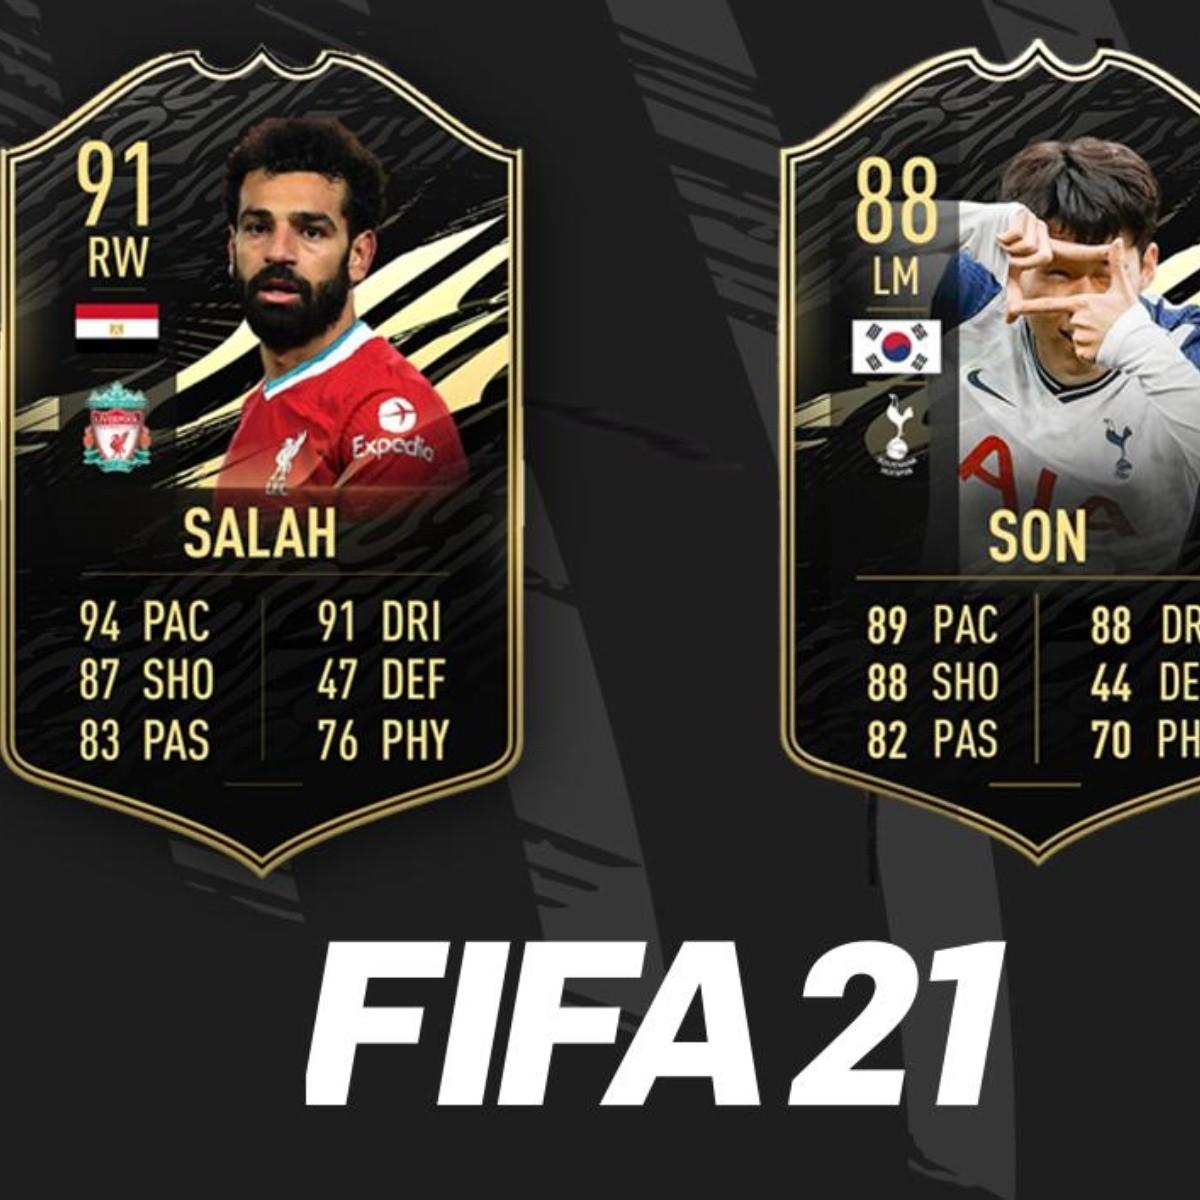 FIFA 21   El TOTW 11 trae los primeros IF para Heung Min Son y Salah